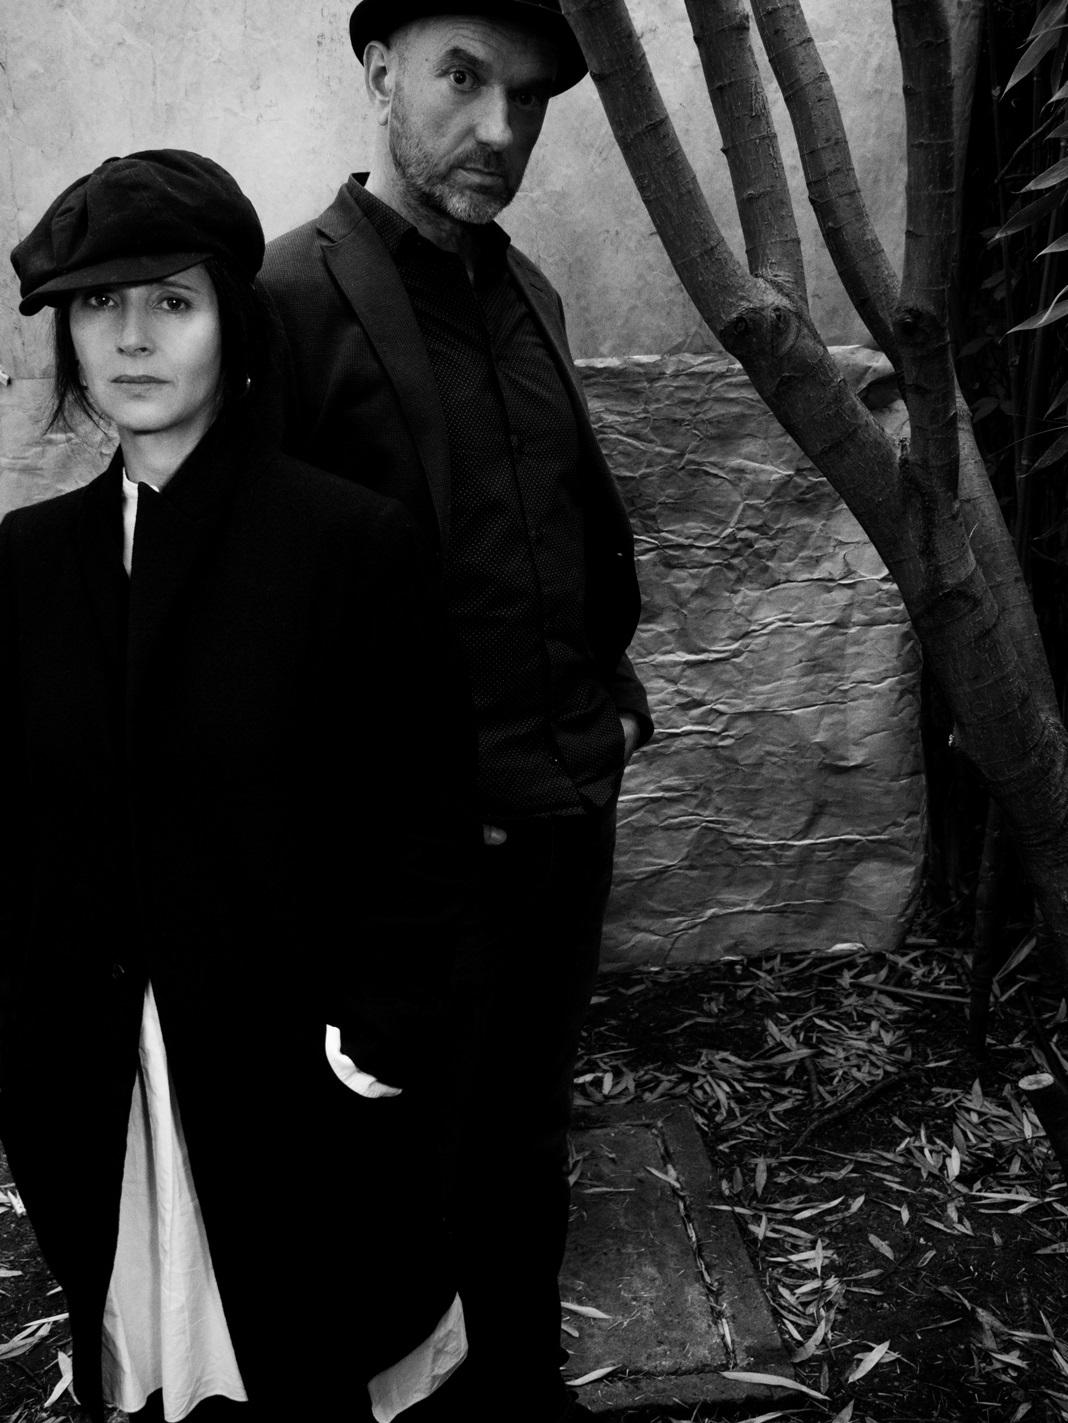 Des personnes internées ont écrit des textes qu'Anouk Grinberg sublime dans un duo aussi dépouillé qu'intense avec le musicien Nicolas Répac.